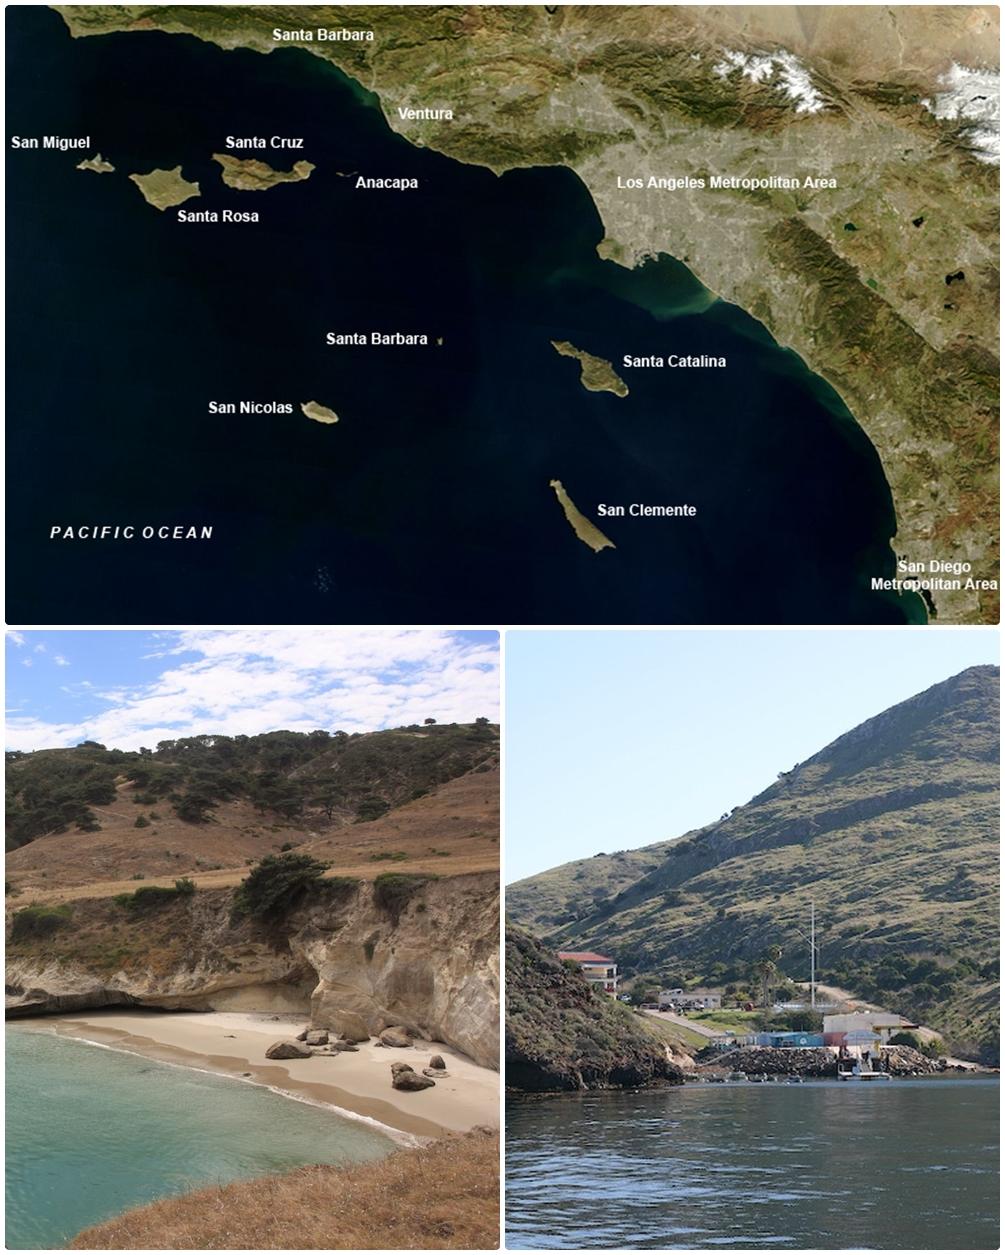 O mapa mostra s oito ilhas pertencentes ao arquipelogo. Abaixo, algumas das praias.